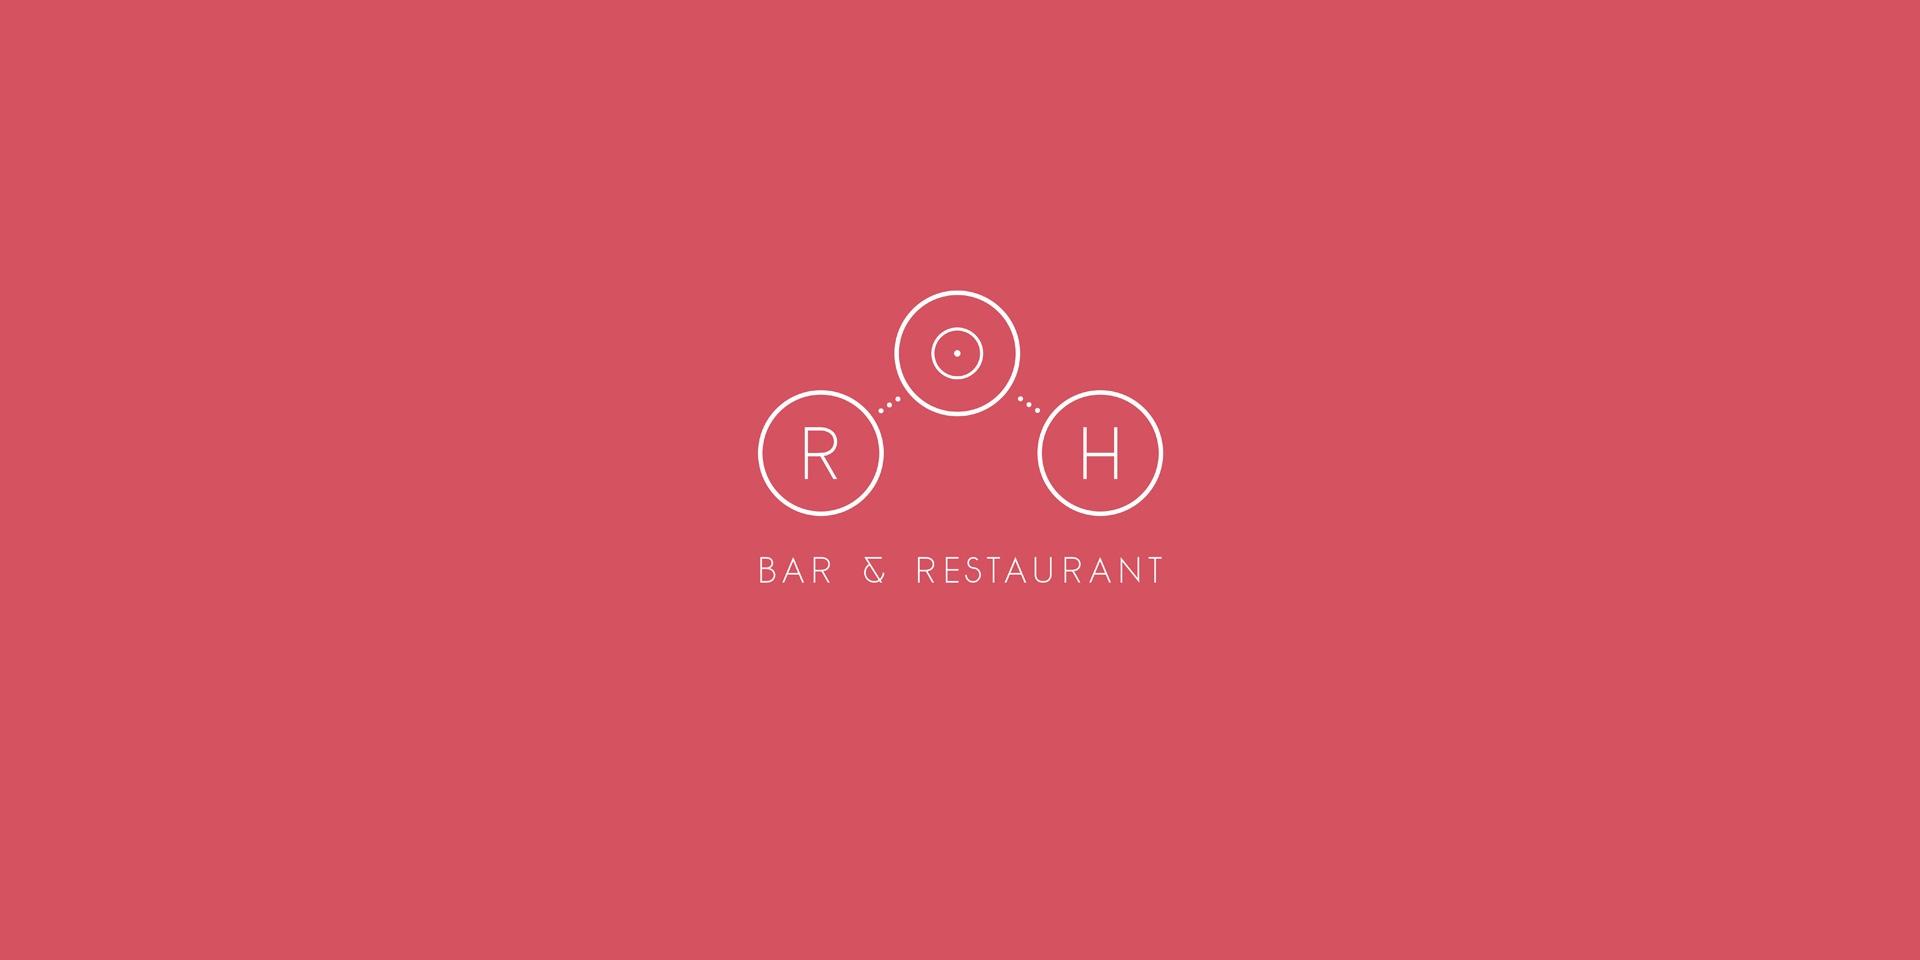 R•O•H Bar & Restaurant